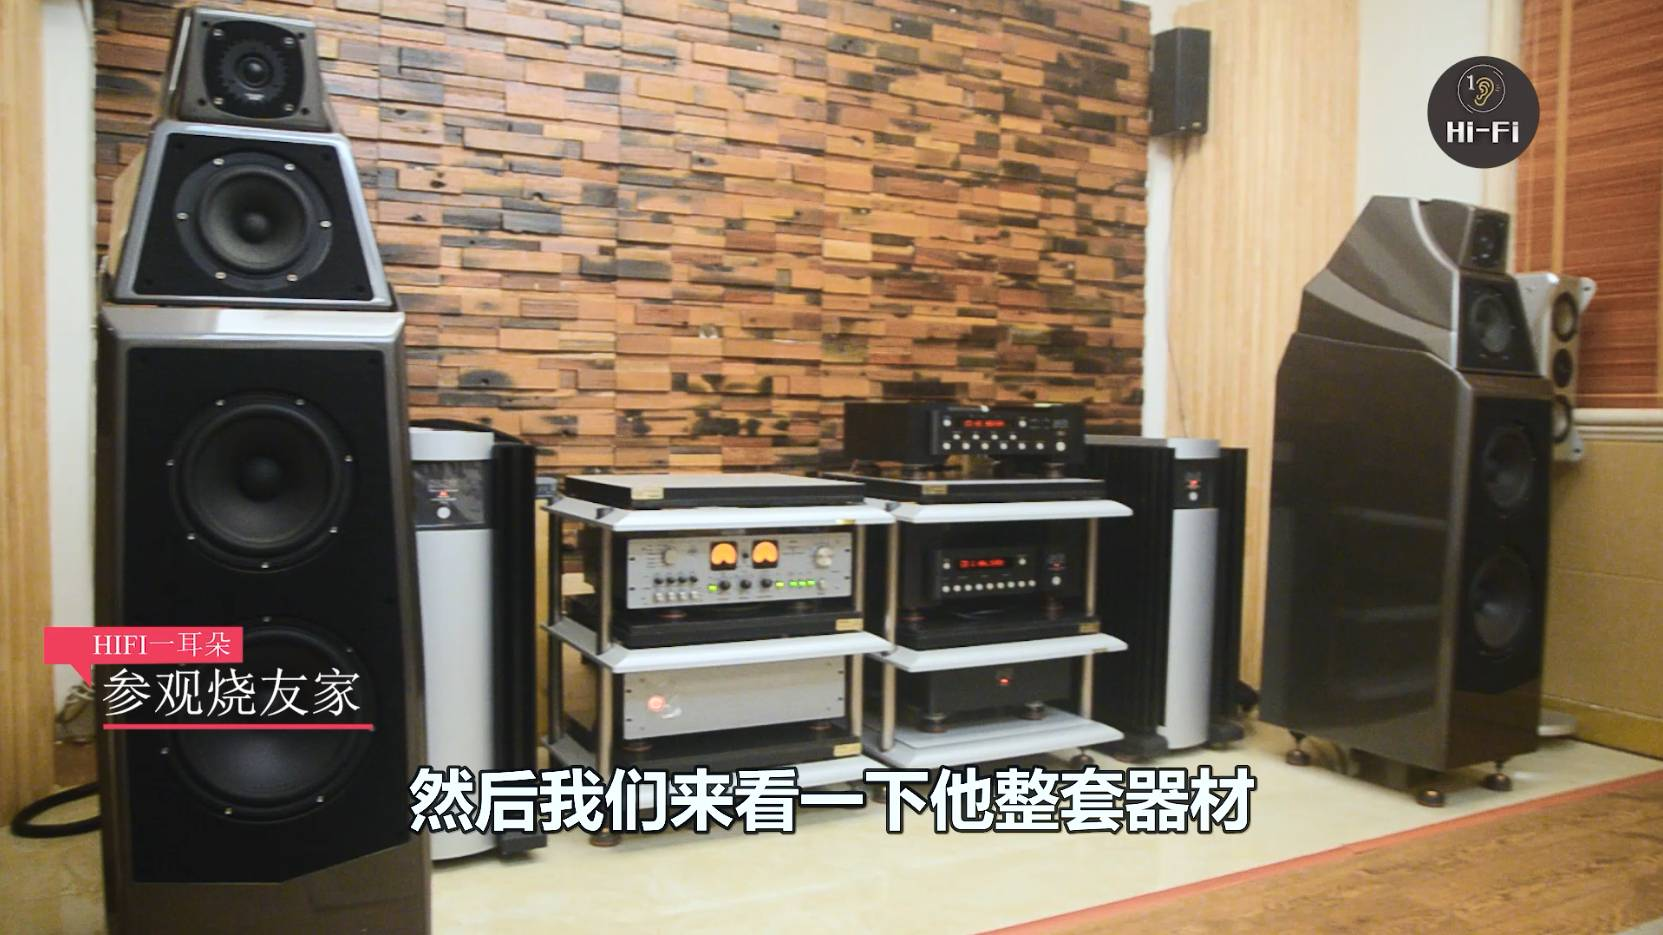 第一期 给大家介绍一下音箱系统的组成